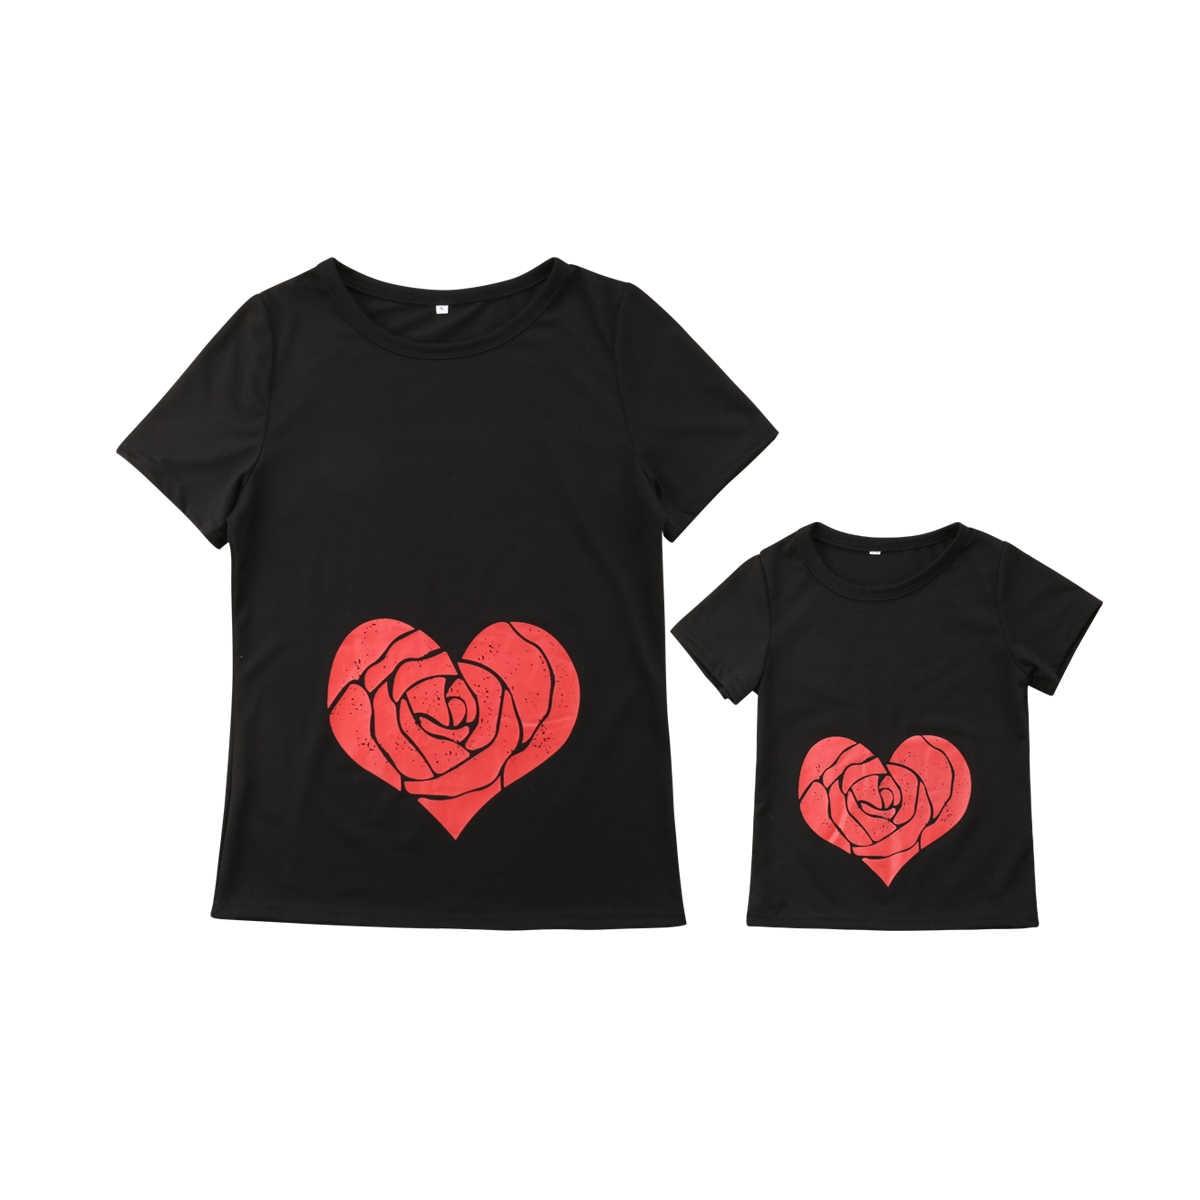 Emmamaby verano corazón mamá hija bebé niñas familia juego camiseta Tops ropa